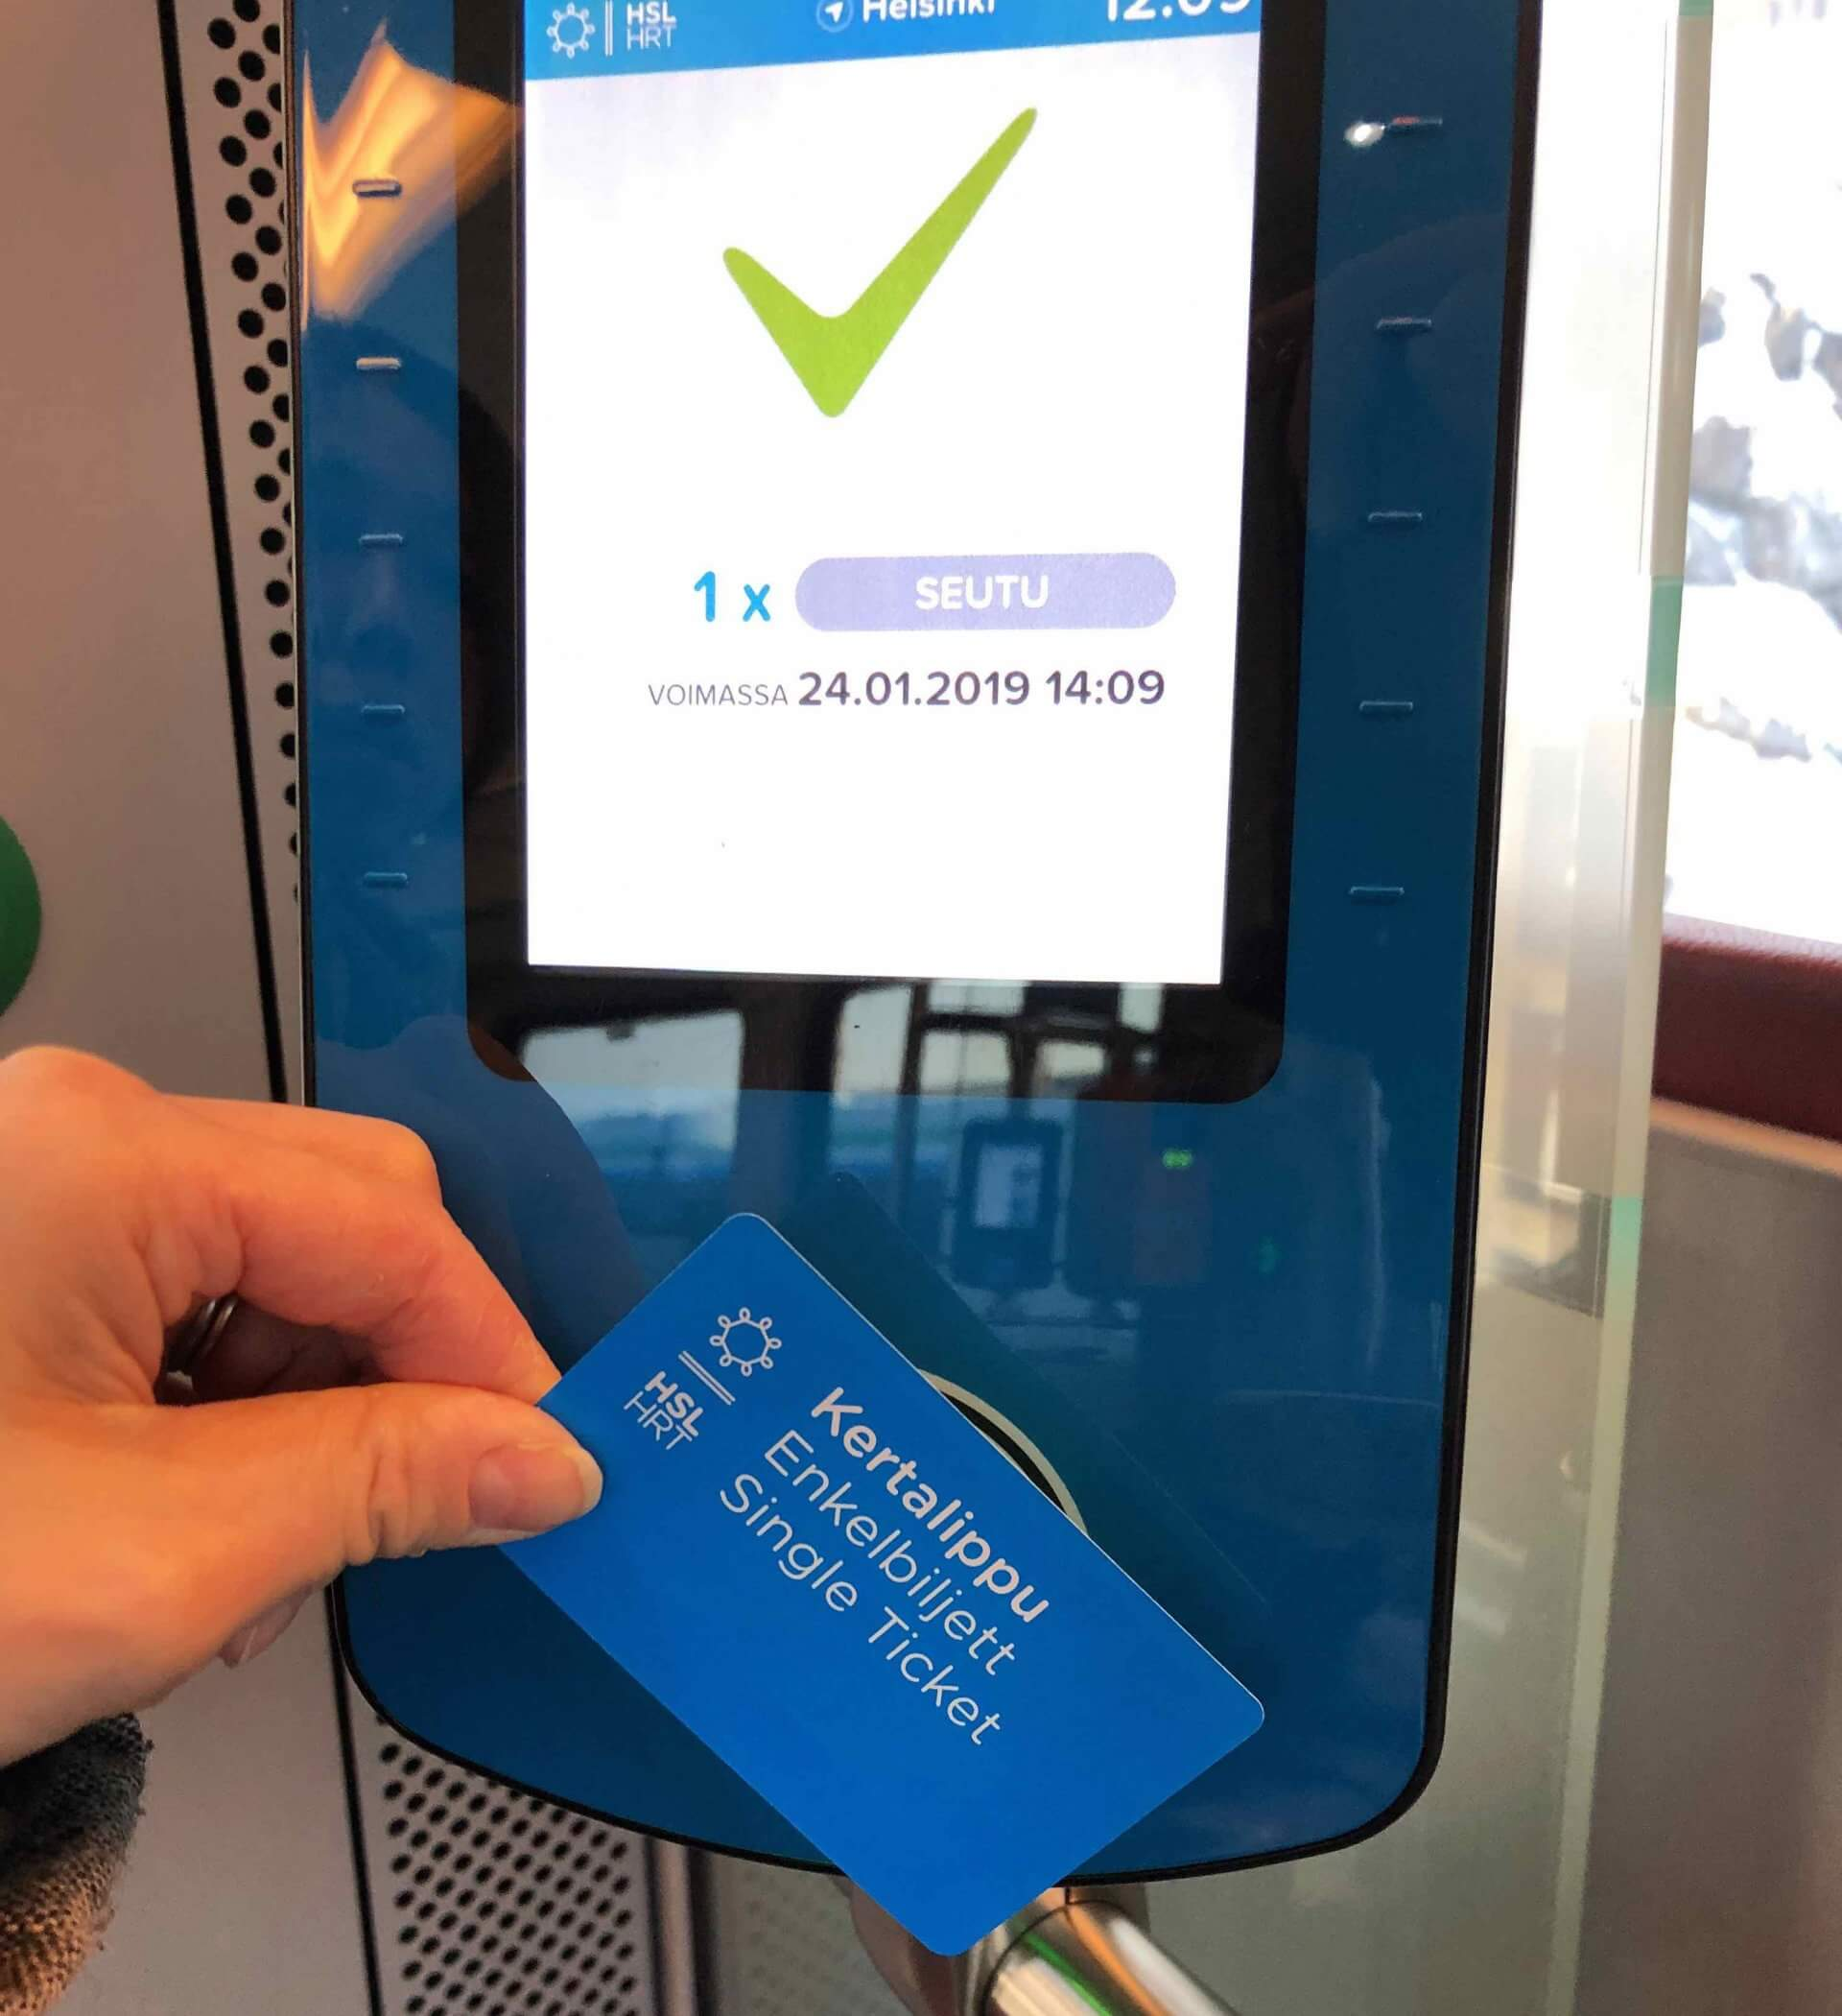 対面販売で購入したカード型の券売機。列車内の機械にかざしてから入る